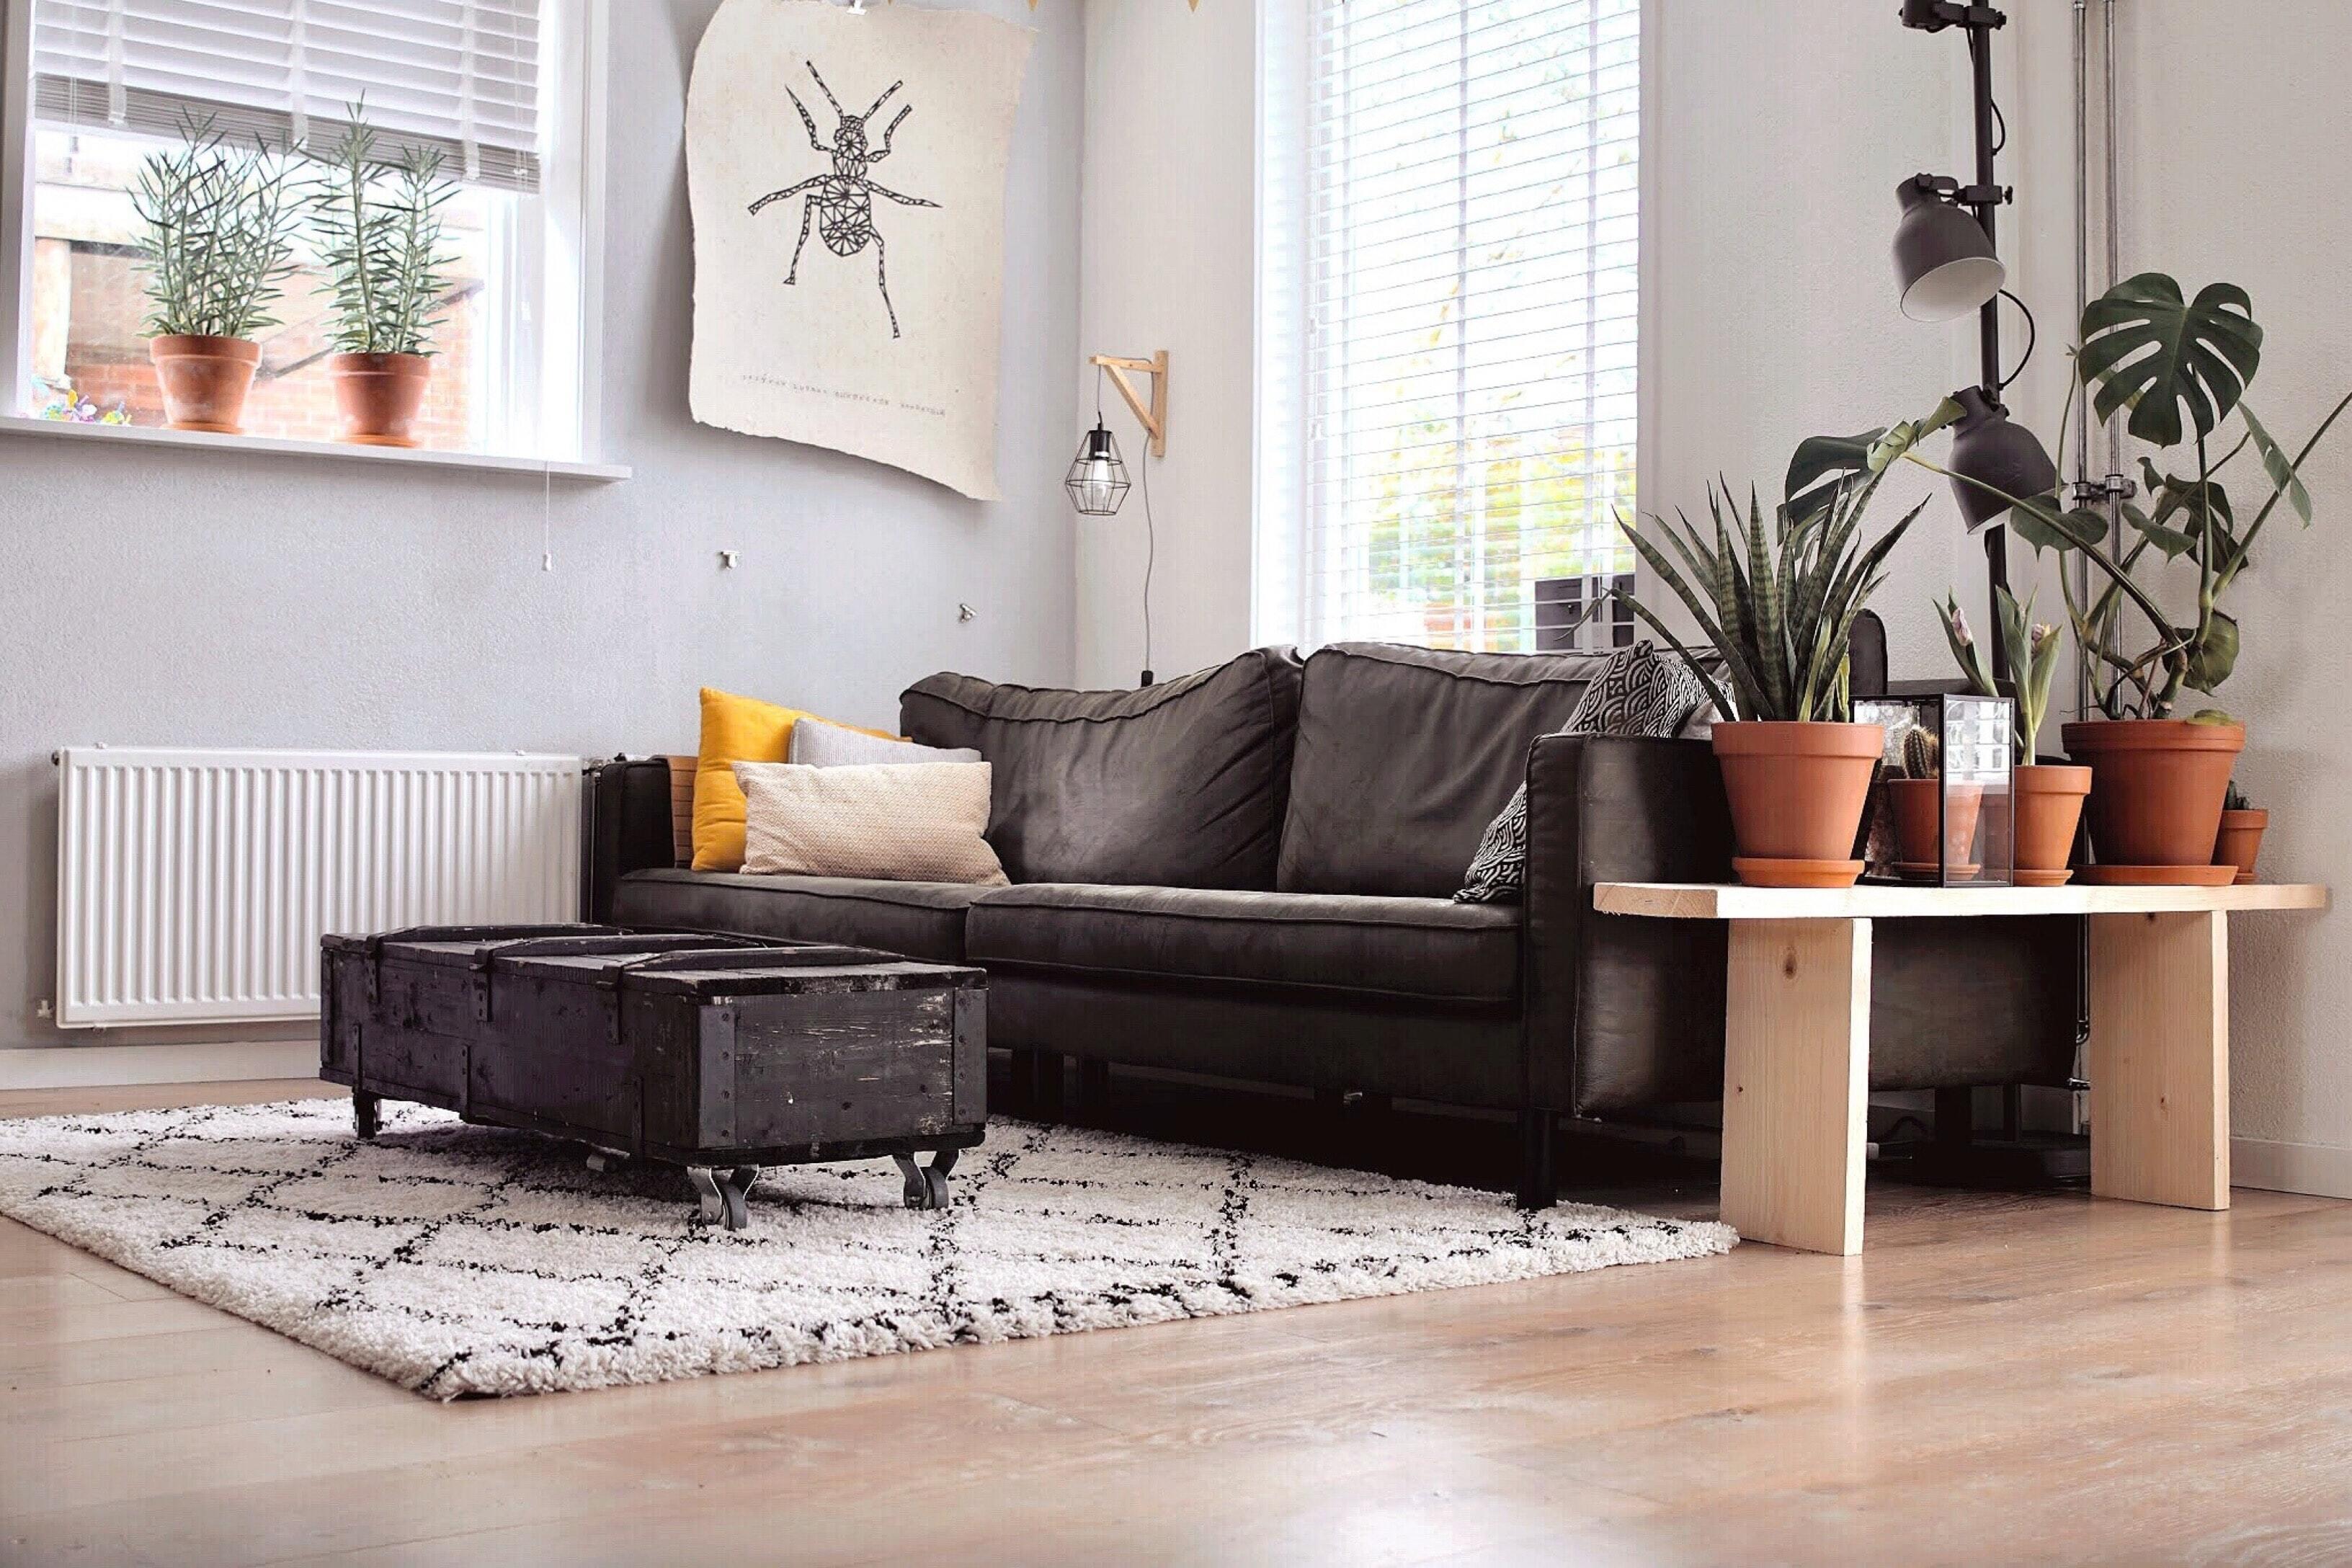 Wohnzimmer einer Mietwohnung